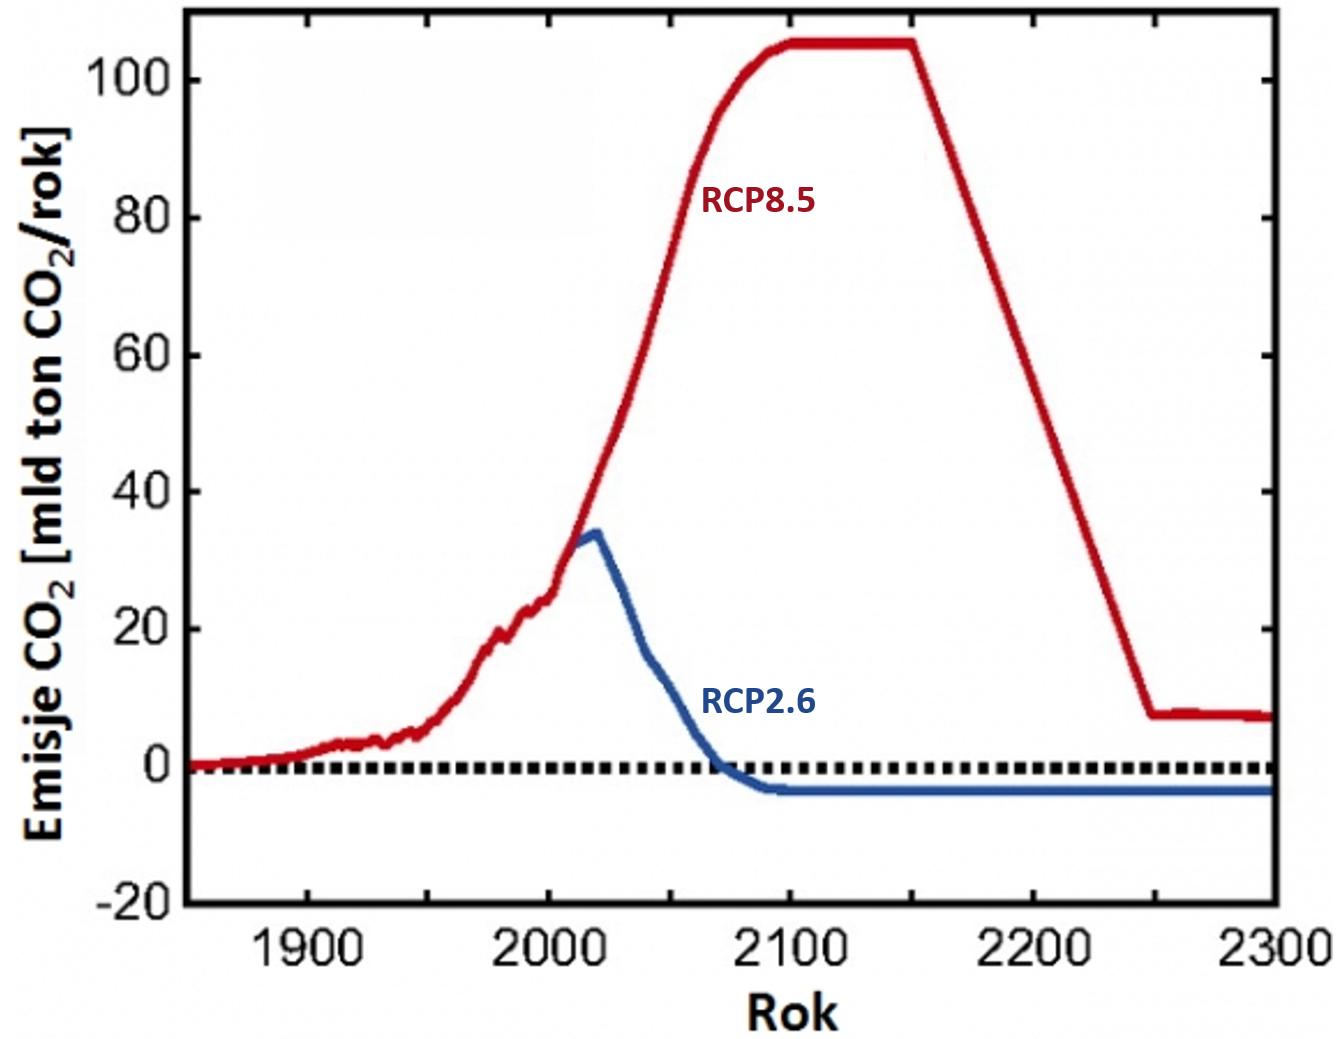 Wykres: przykładowe scenariusze emisji CO2 do 2300